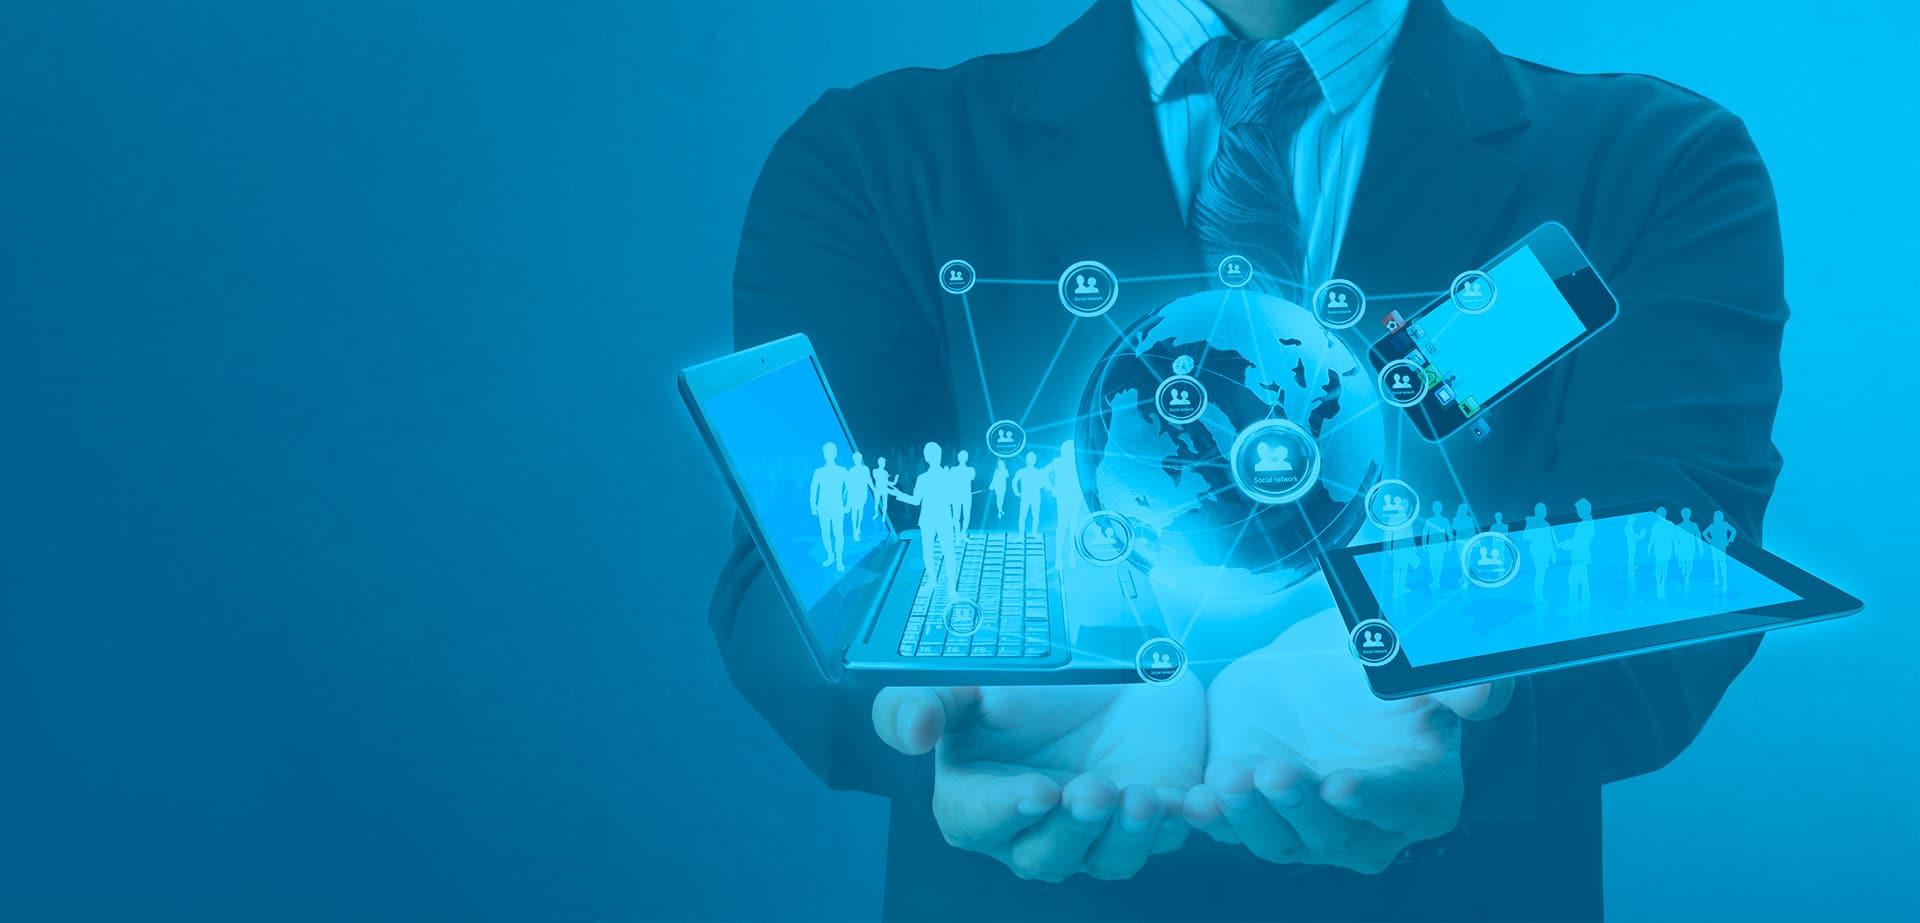 Formations de perfectionnement : technologies numériques